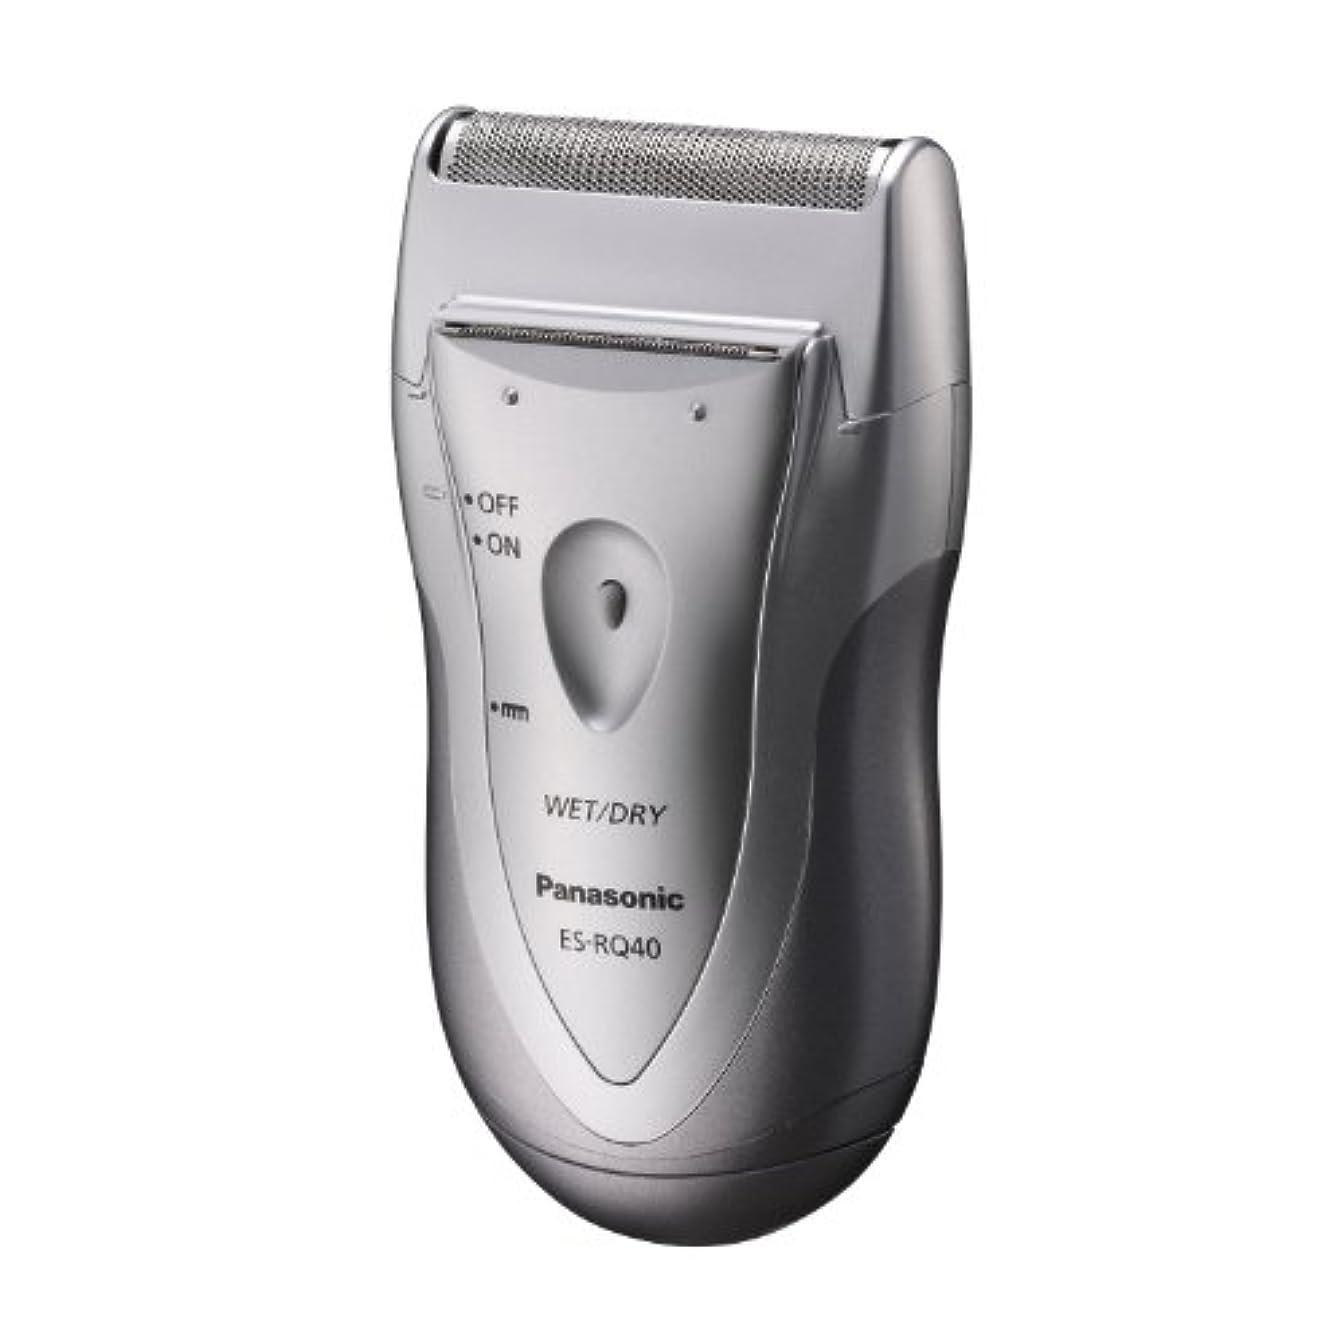 首見せます二年生Panasonic メンズシェーバー シルバー ES-RQ40-S